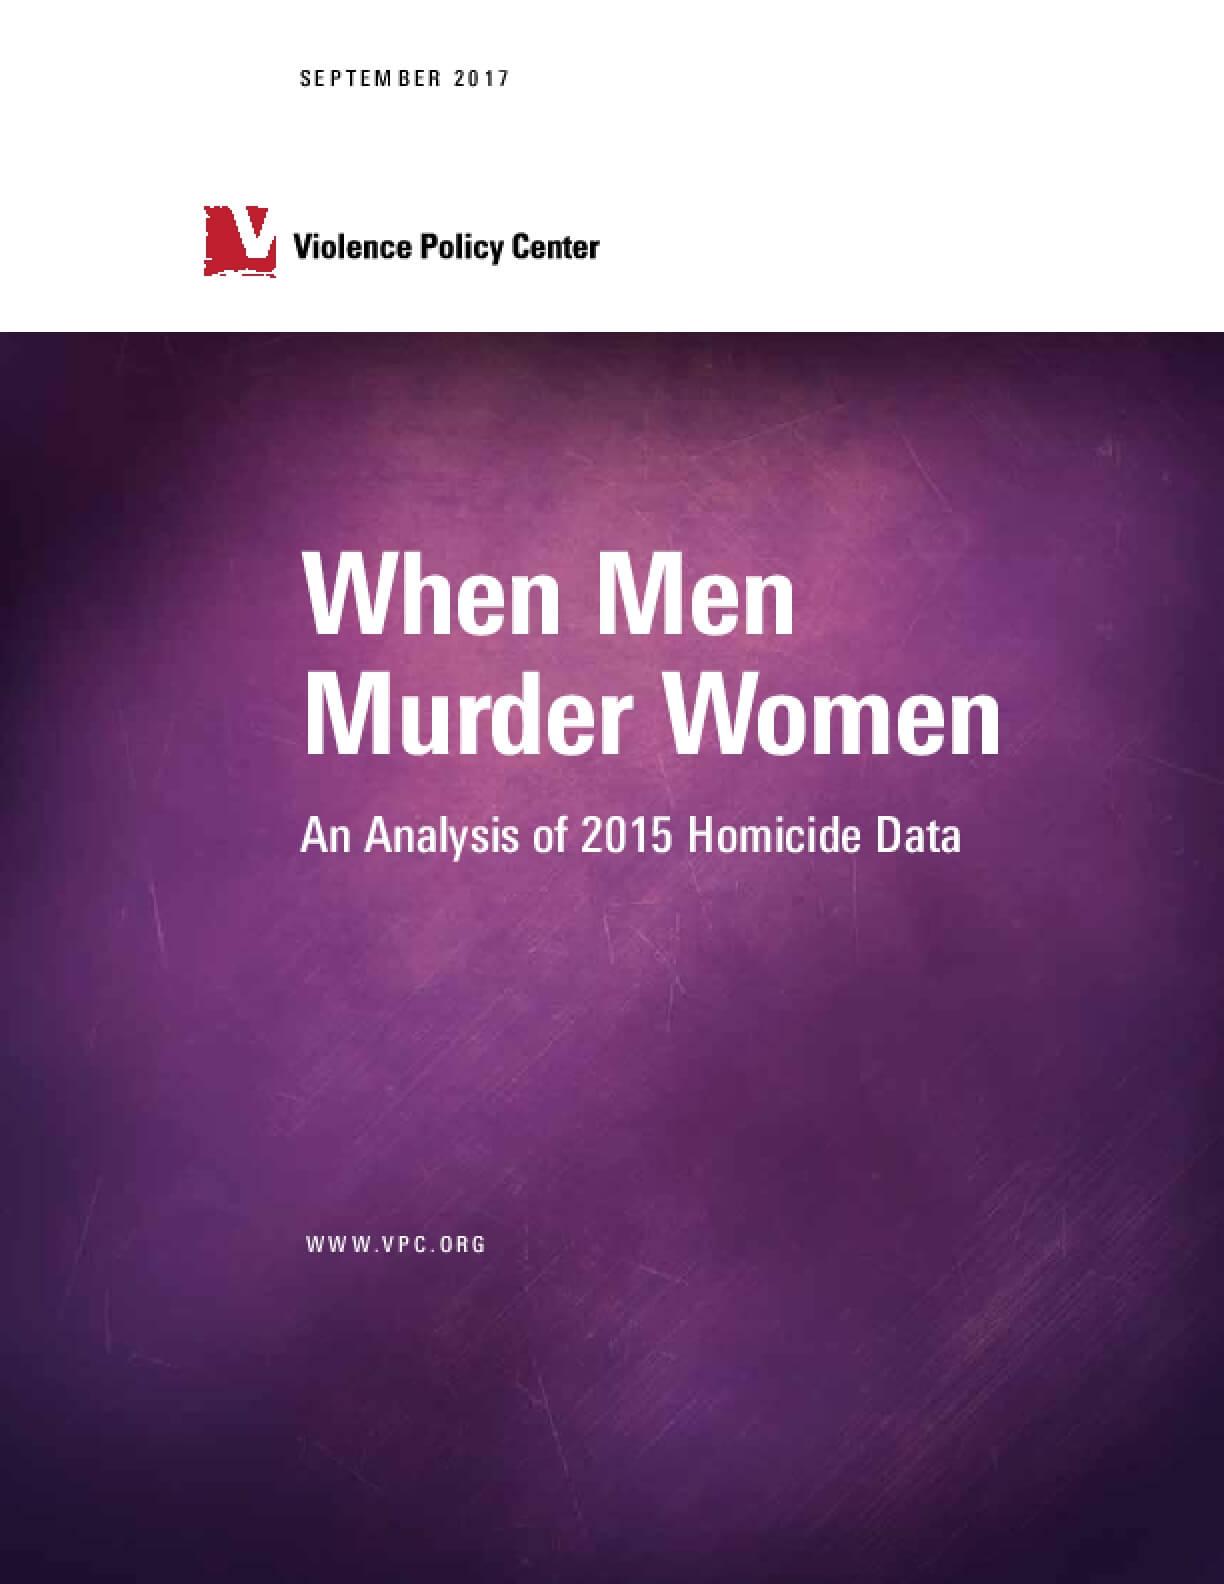 When Men Murder Women: An Analysis of 2015 Homicide Data